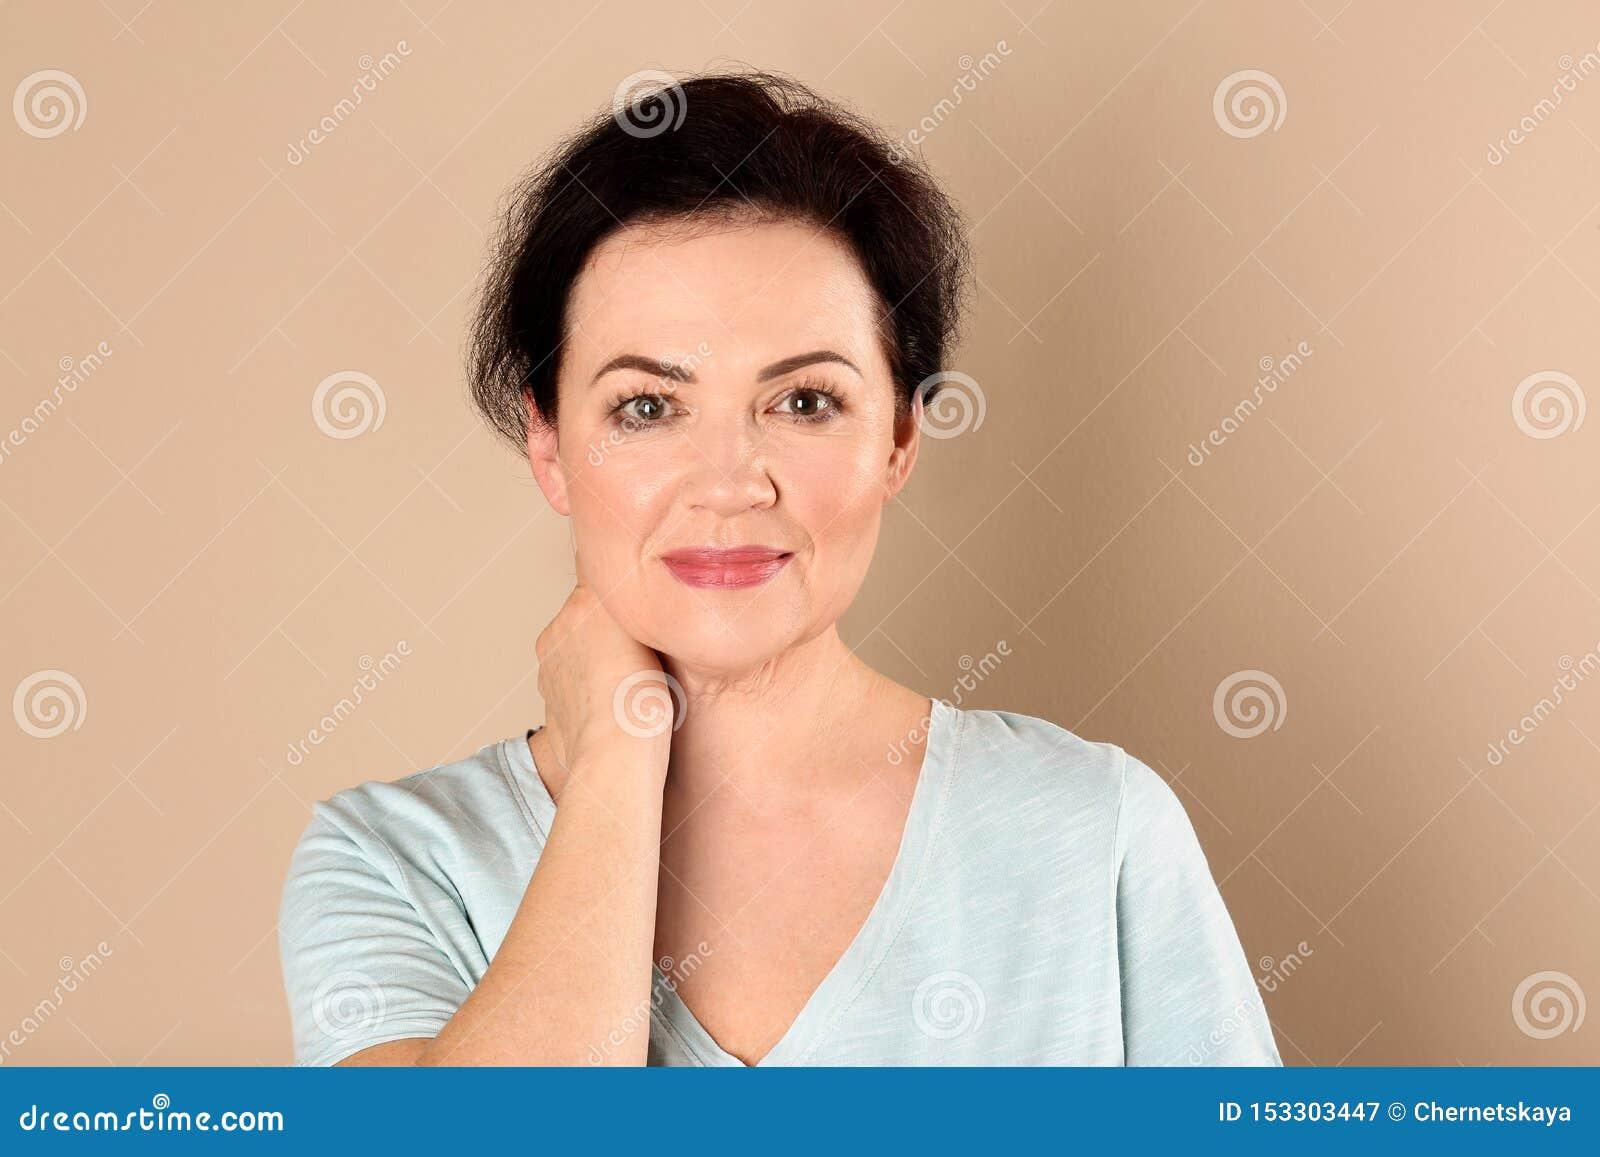 Retrato de encantar la mujer madura con la piel sana de la cara y el maquillaje natural en fondo beige